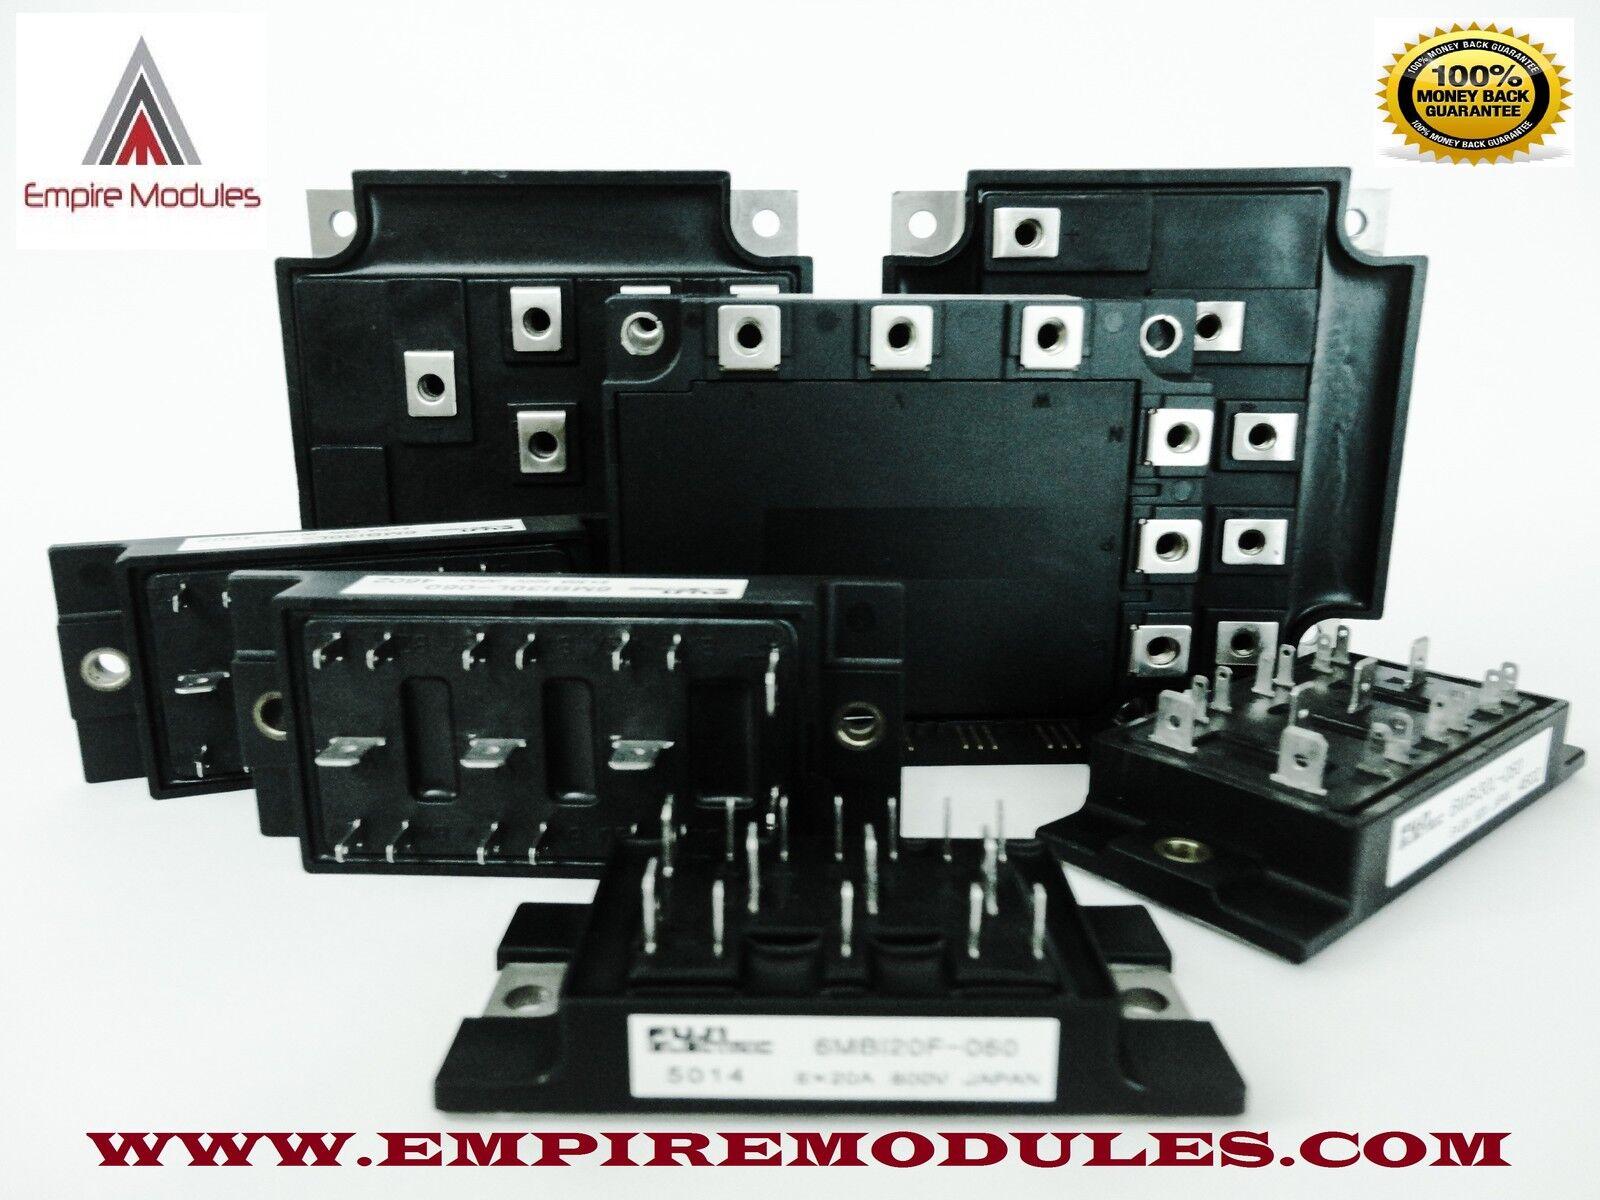 Empire Modules